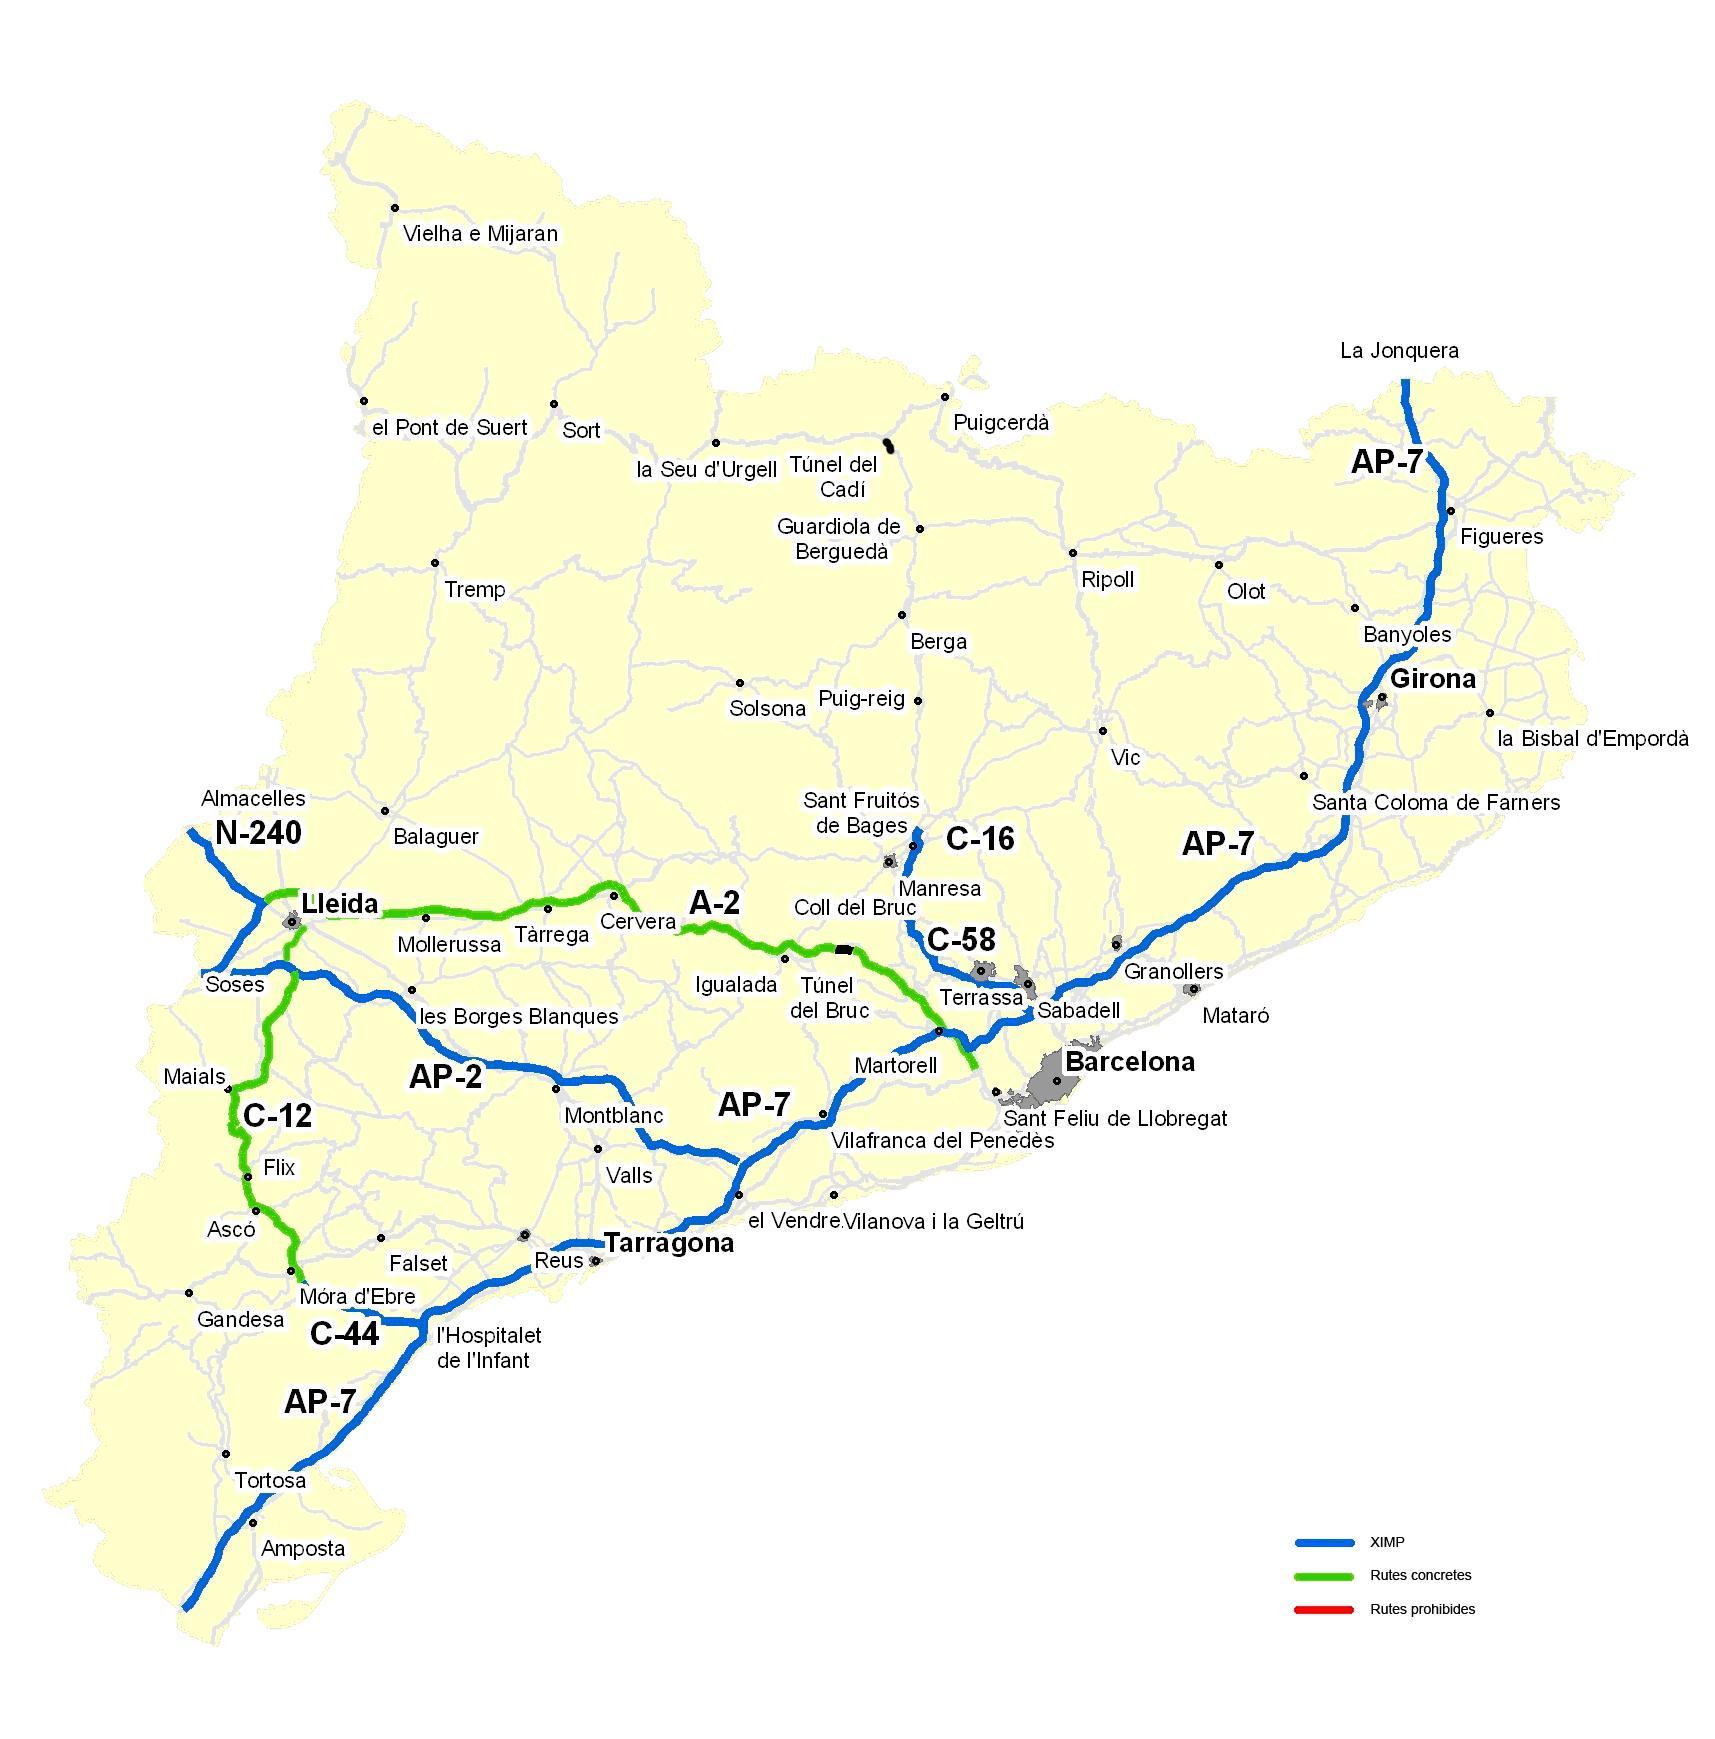 Restricciones circulación Cataluña 2013